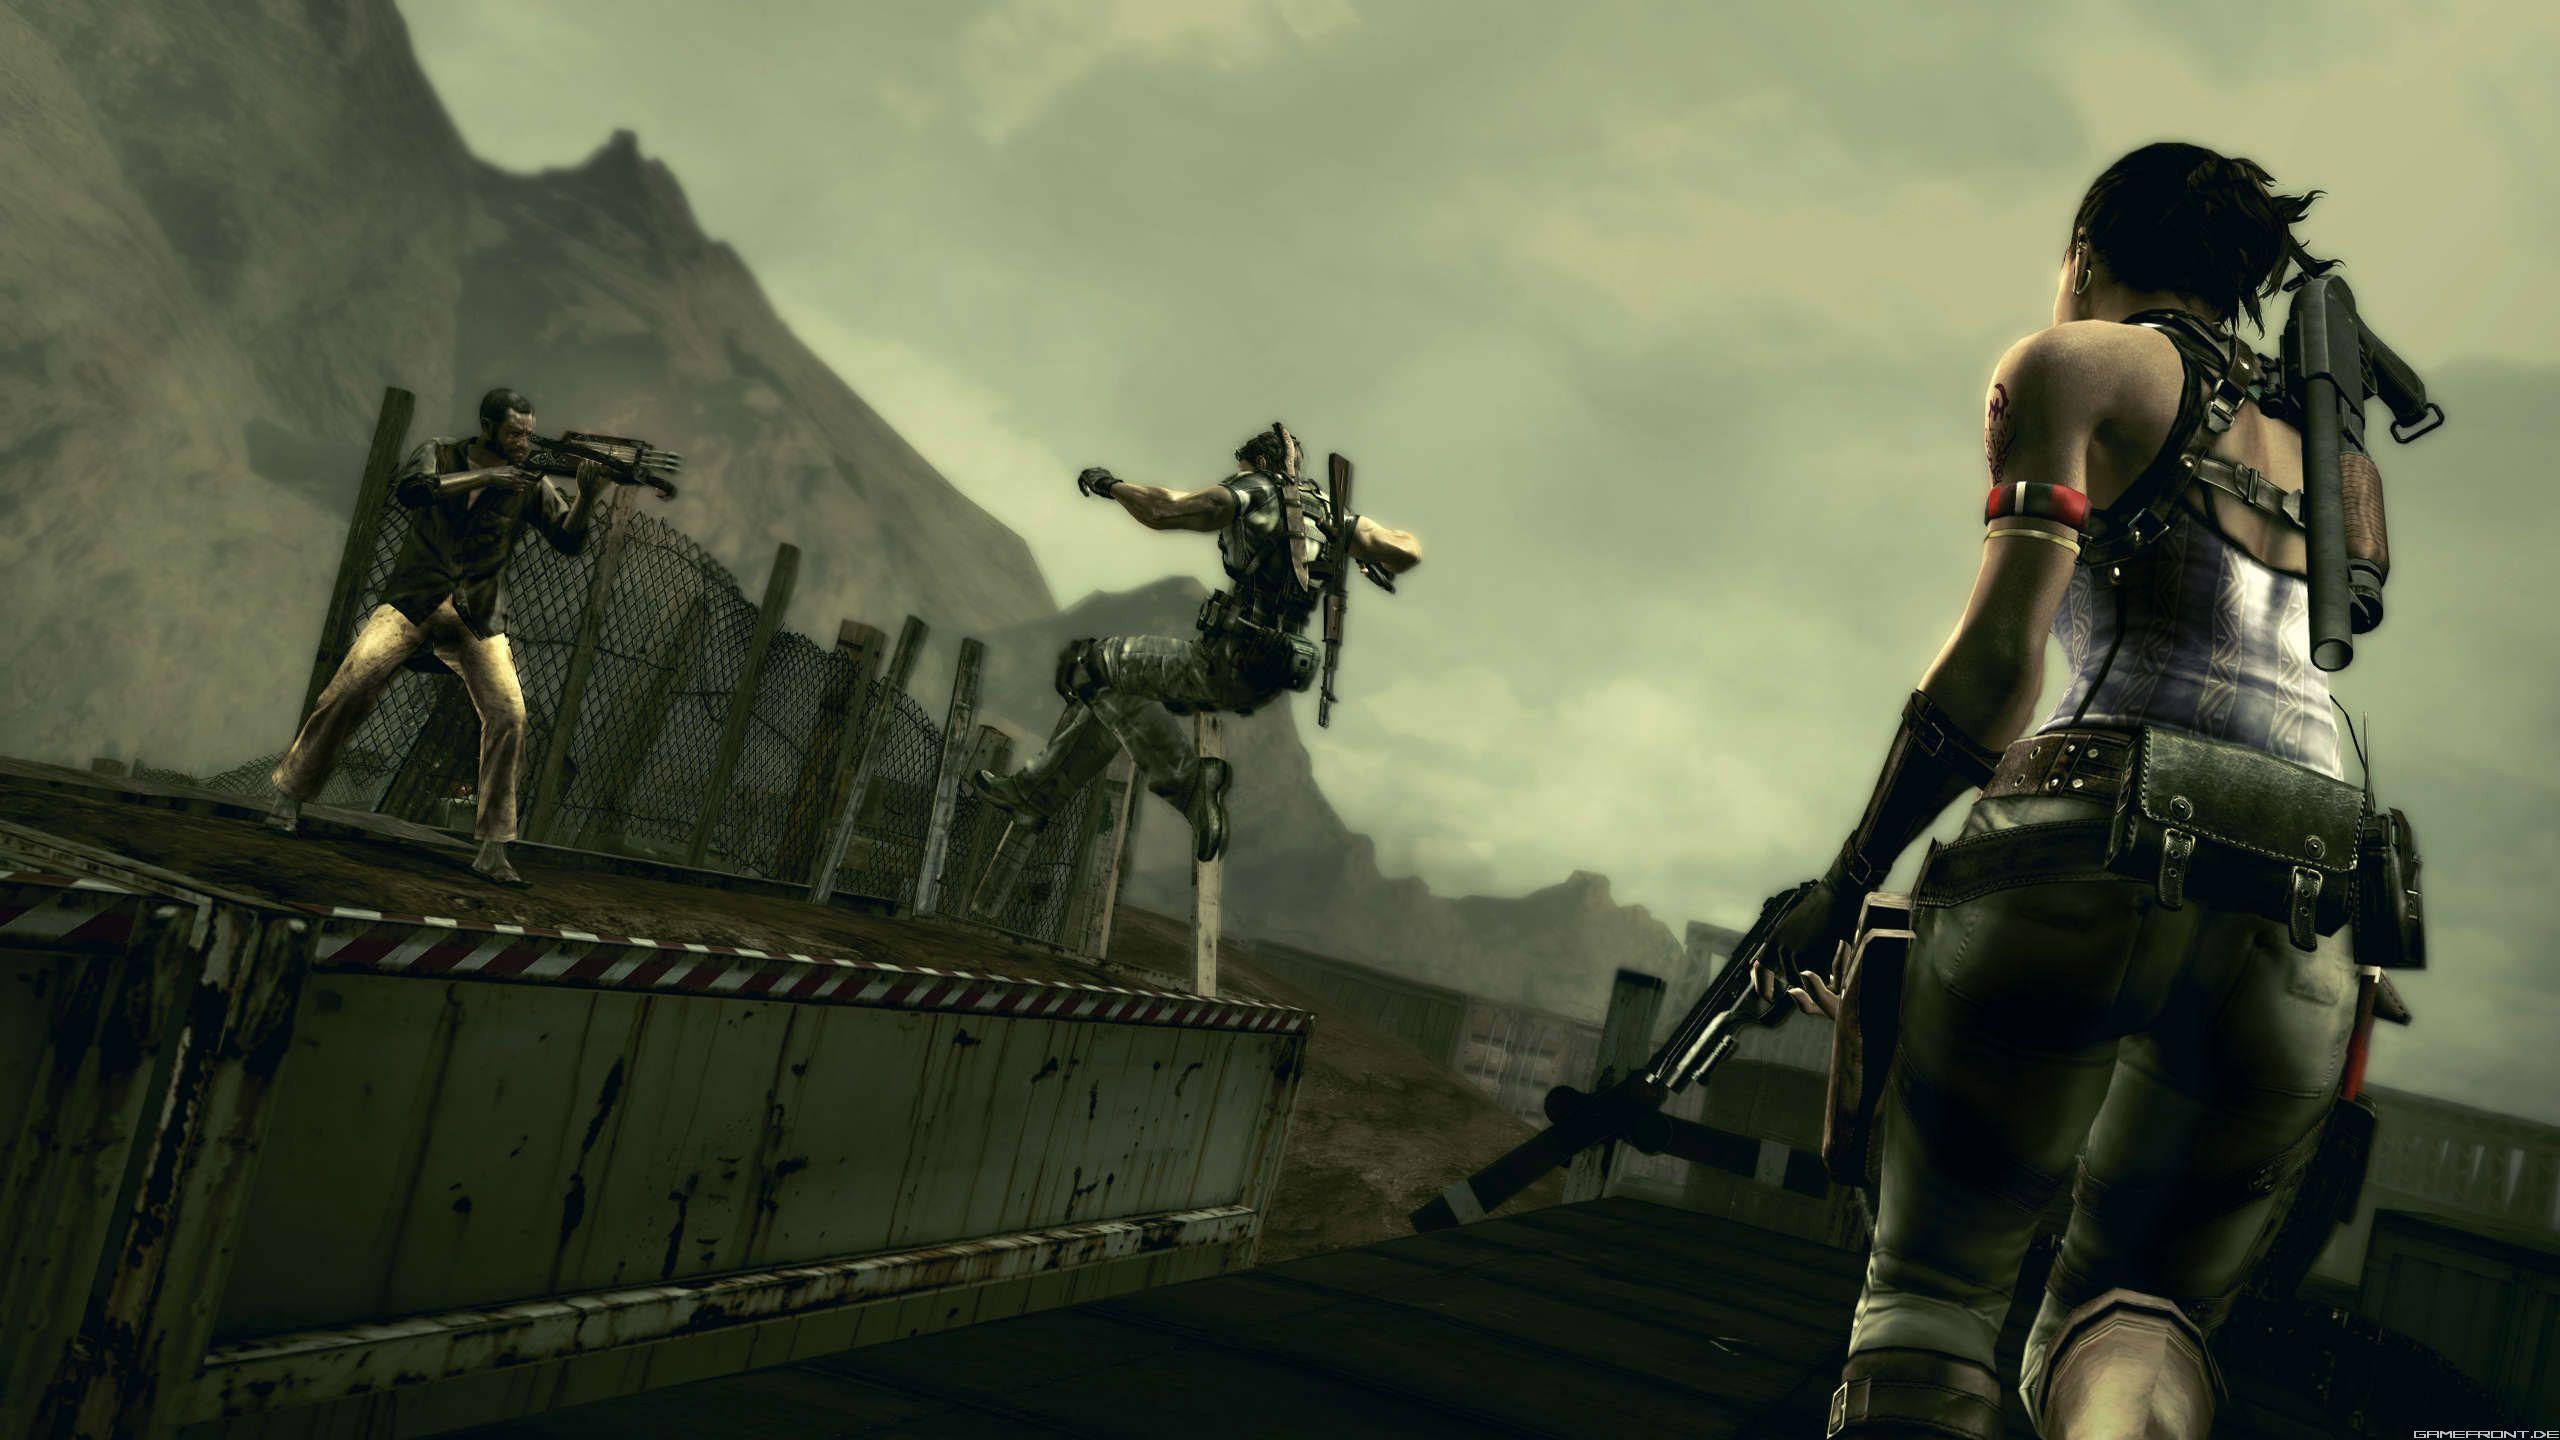 《生化危机5》游戏新画面(5)图片